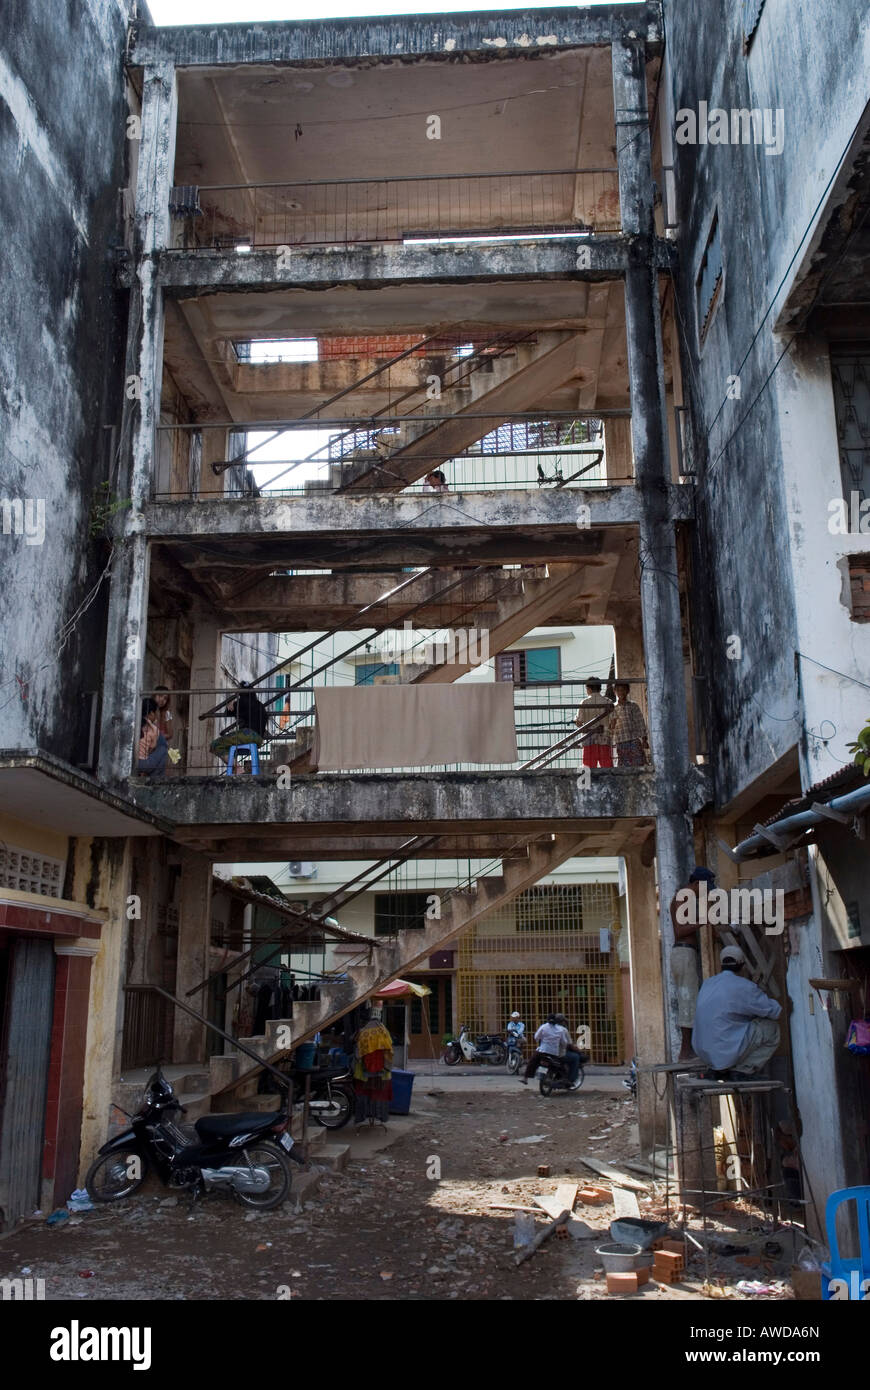 Staircase in a rotten appartment block, Dey Krahom slum area, Phnom Phen, Cambodia Stock Photo